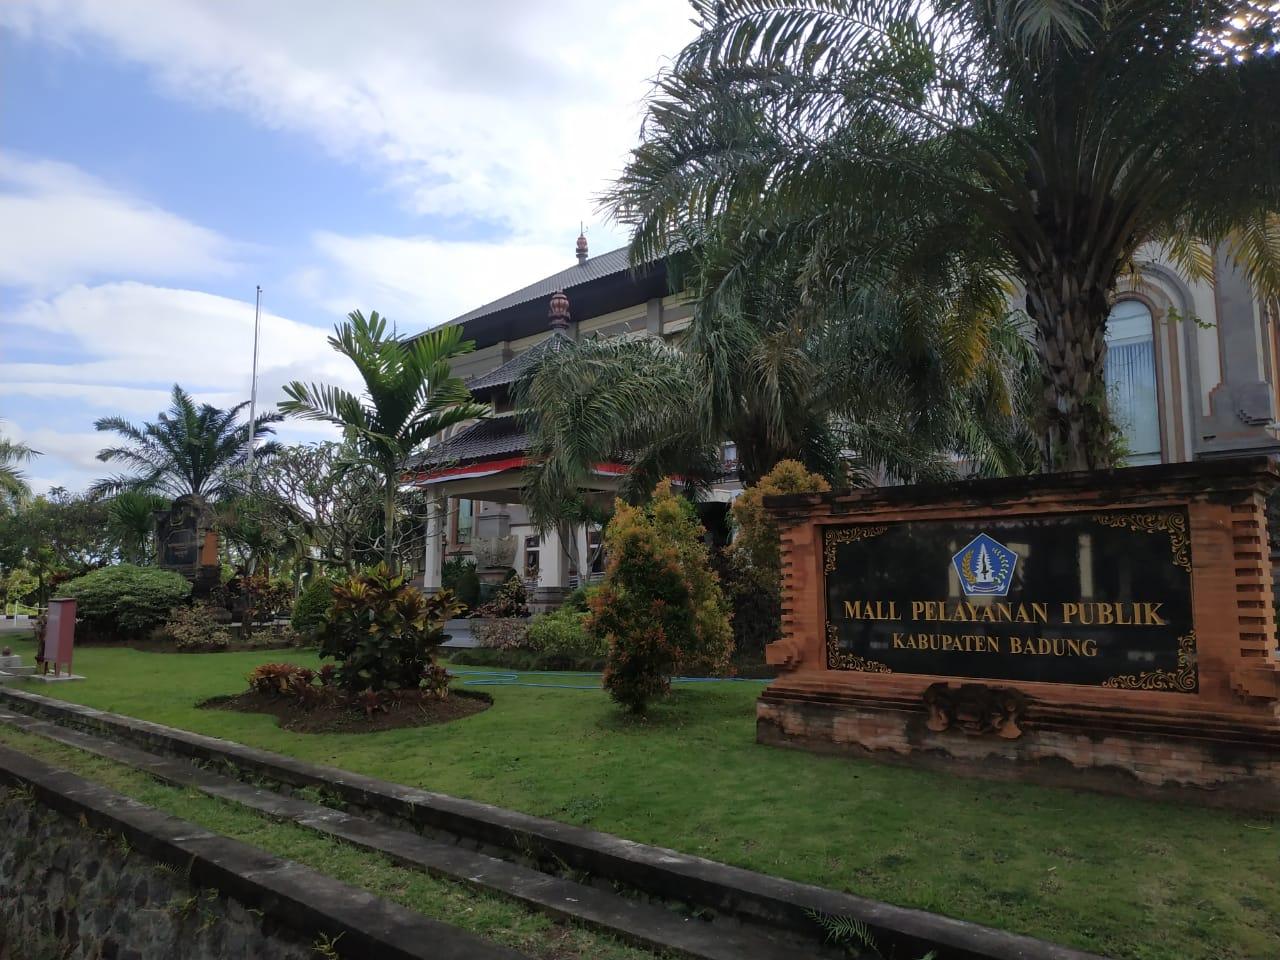 MAL Pelayanan Publik Badung tutup sementara akibat salah seorang pegawai terkonfirmasi virus Corana (Covid-19). Foto: ist